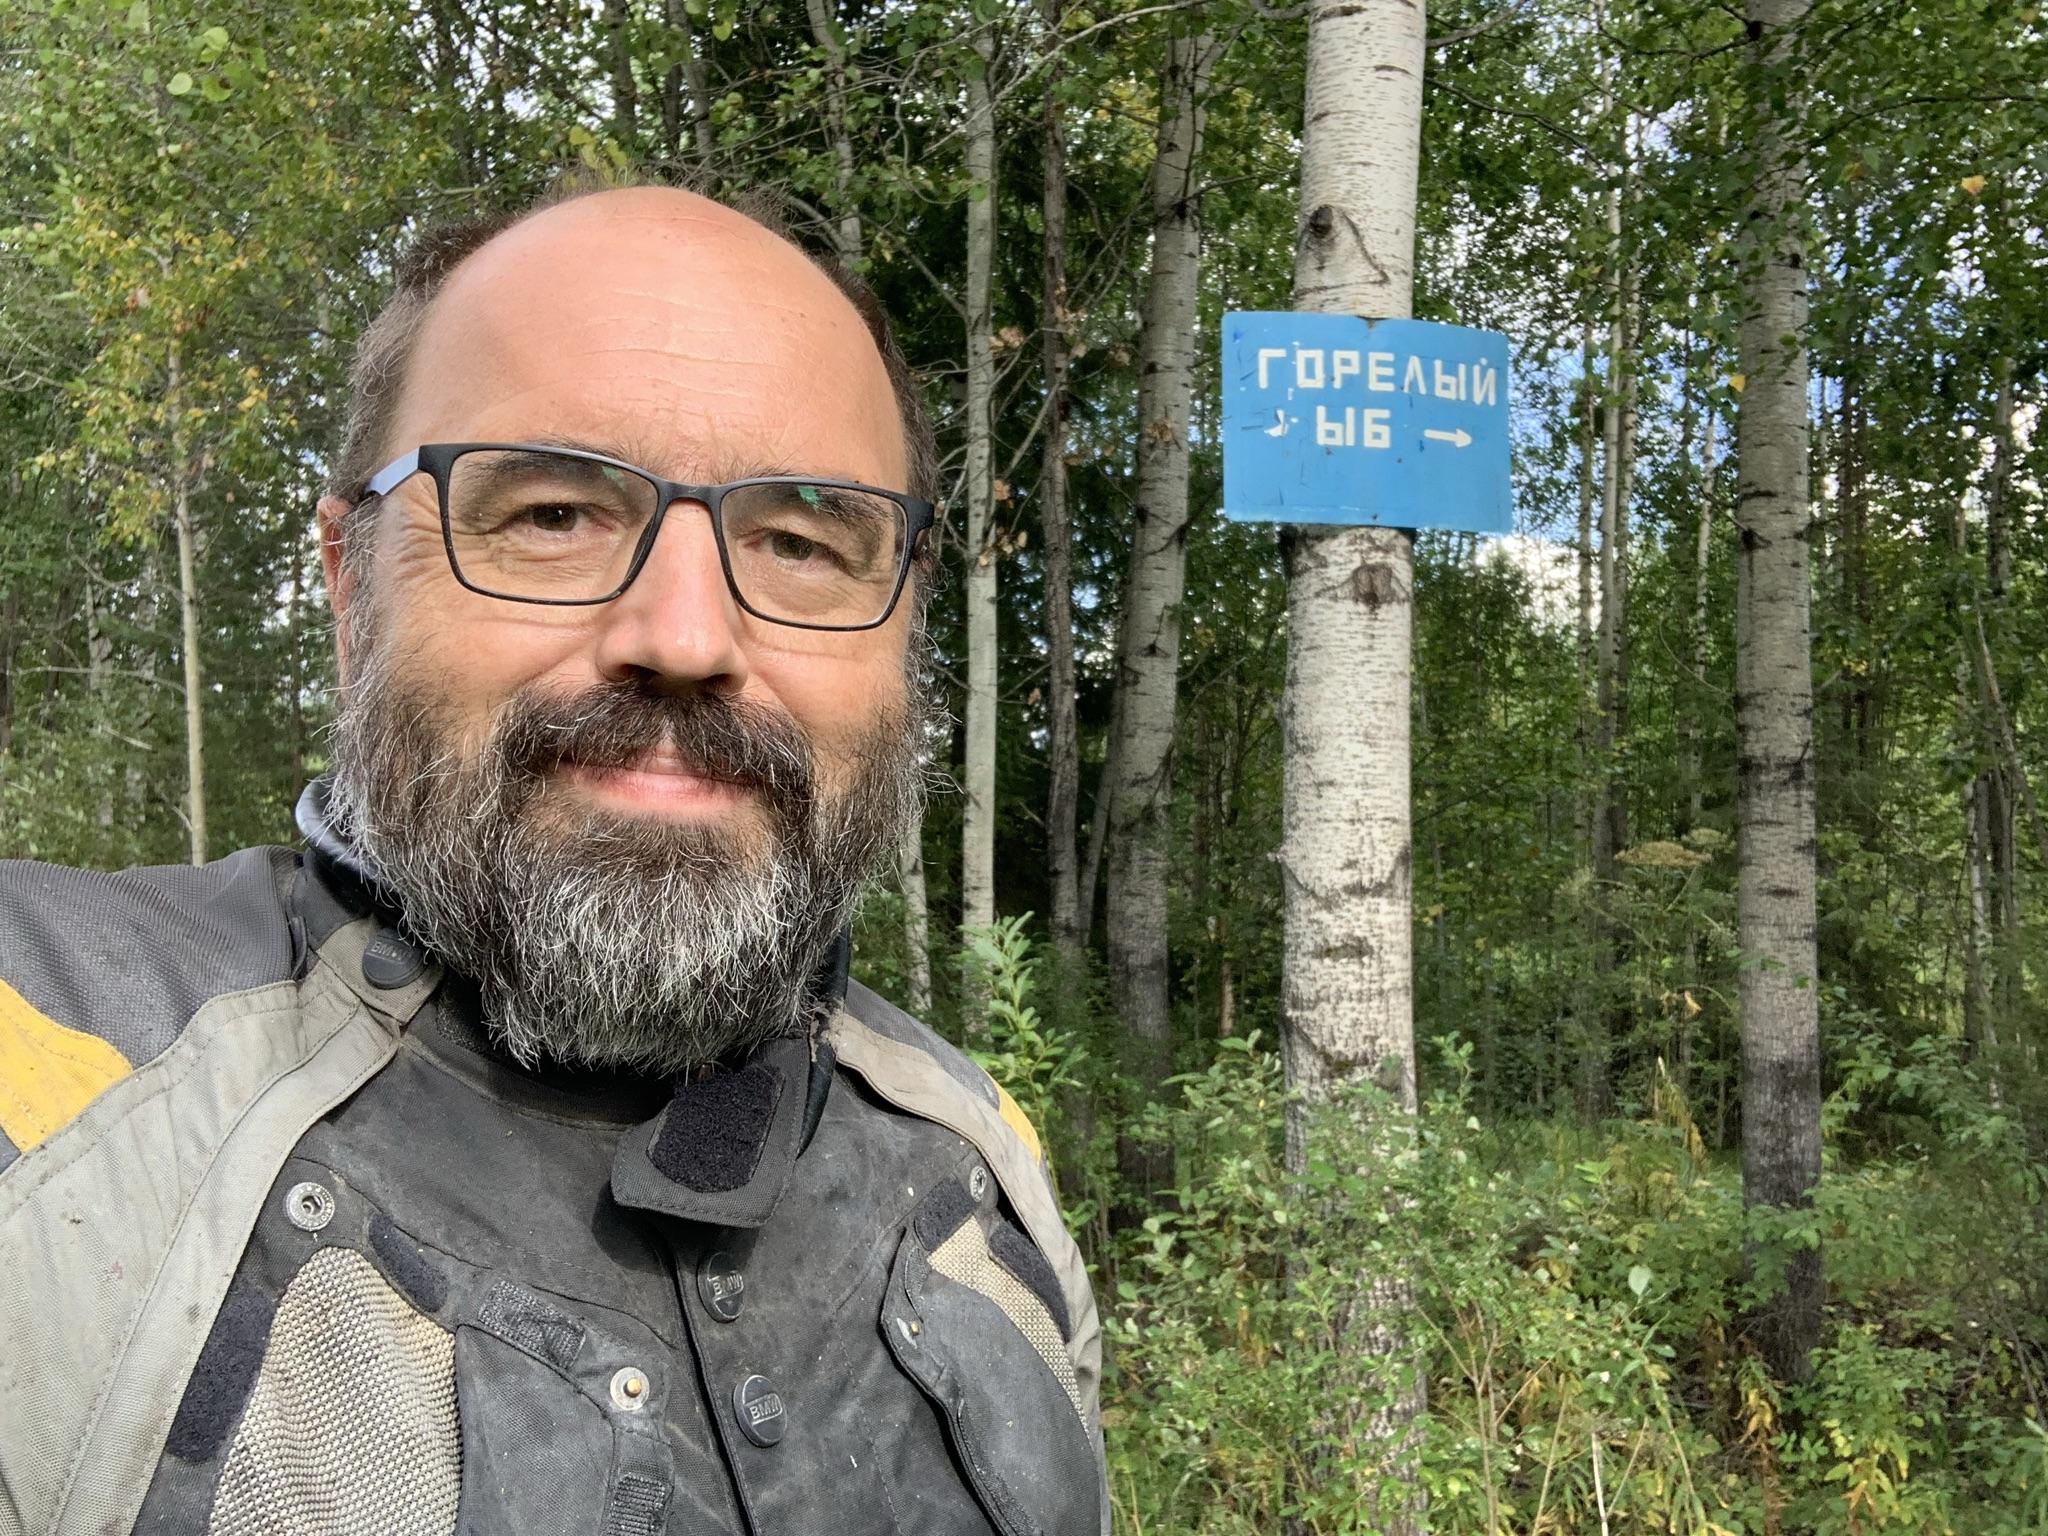 Я накатал уже несколько тысяч километров и вот конечная точка маршрута найдена.